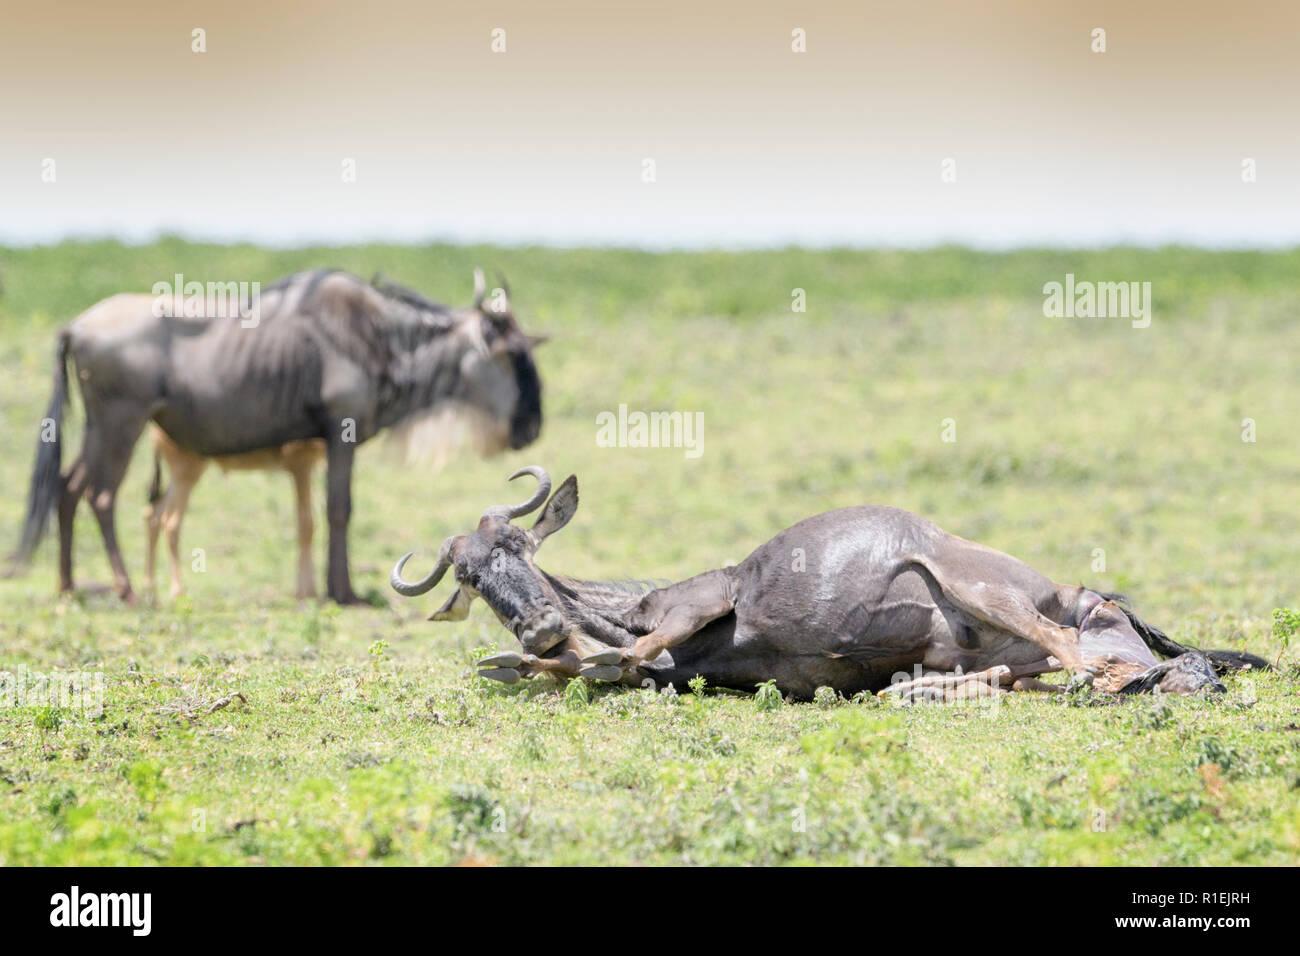 El ñu azul (Connochaetes taurinus) acostado dando lugar al nacimiento de un ternero, el área de conservación de Ngorongoro, Tanzania. Foto de stock